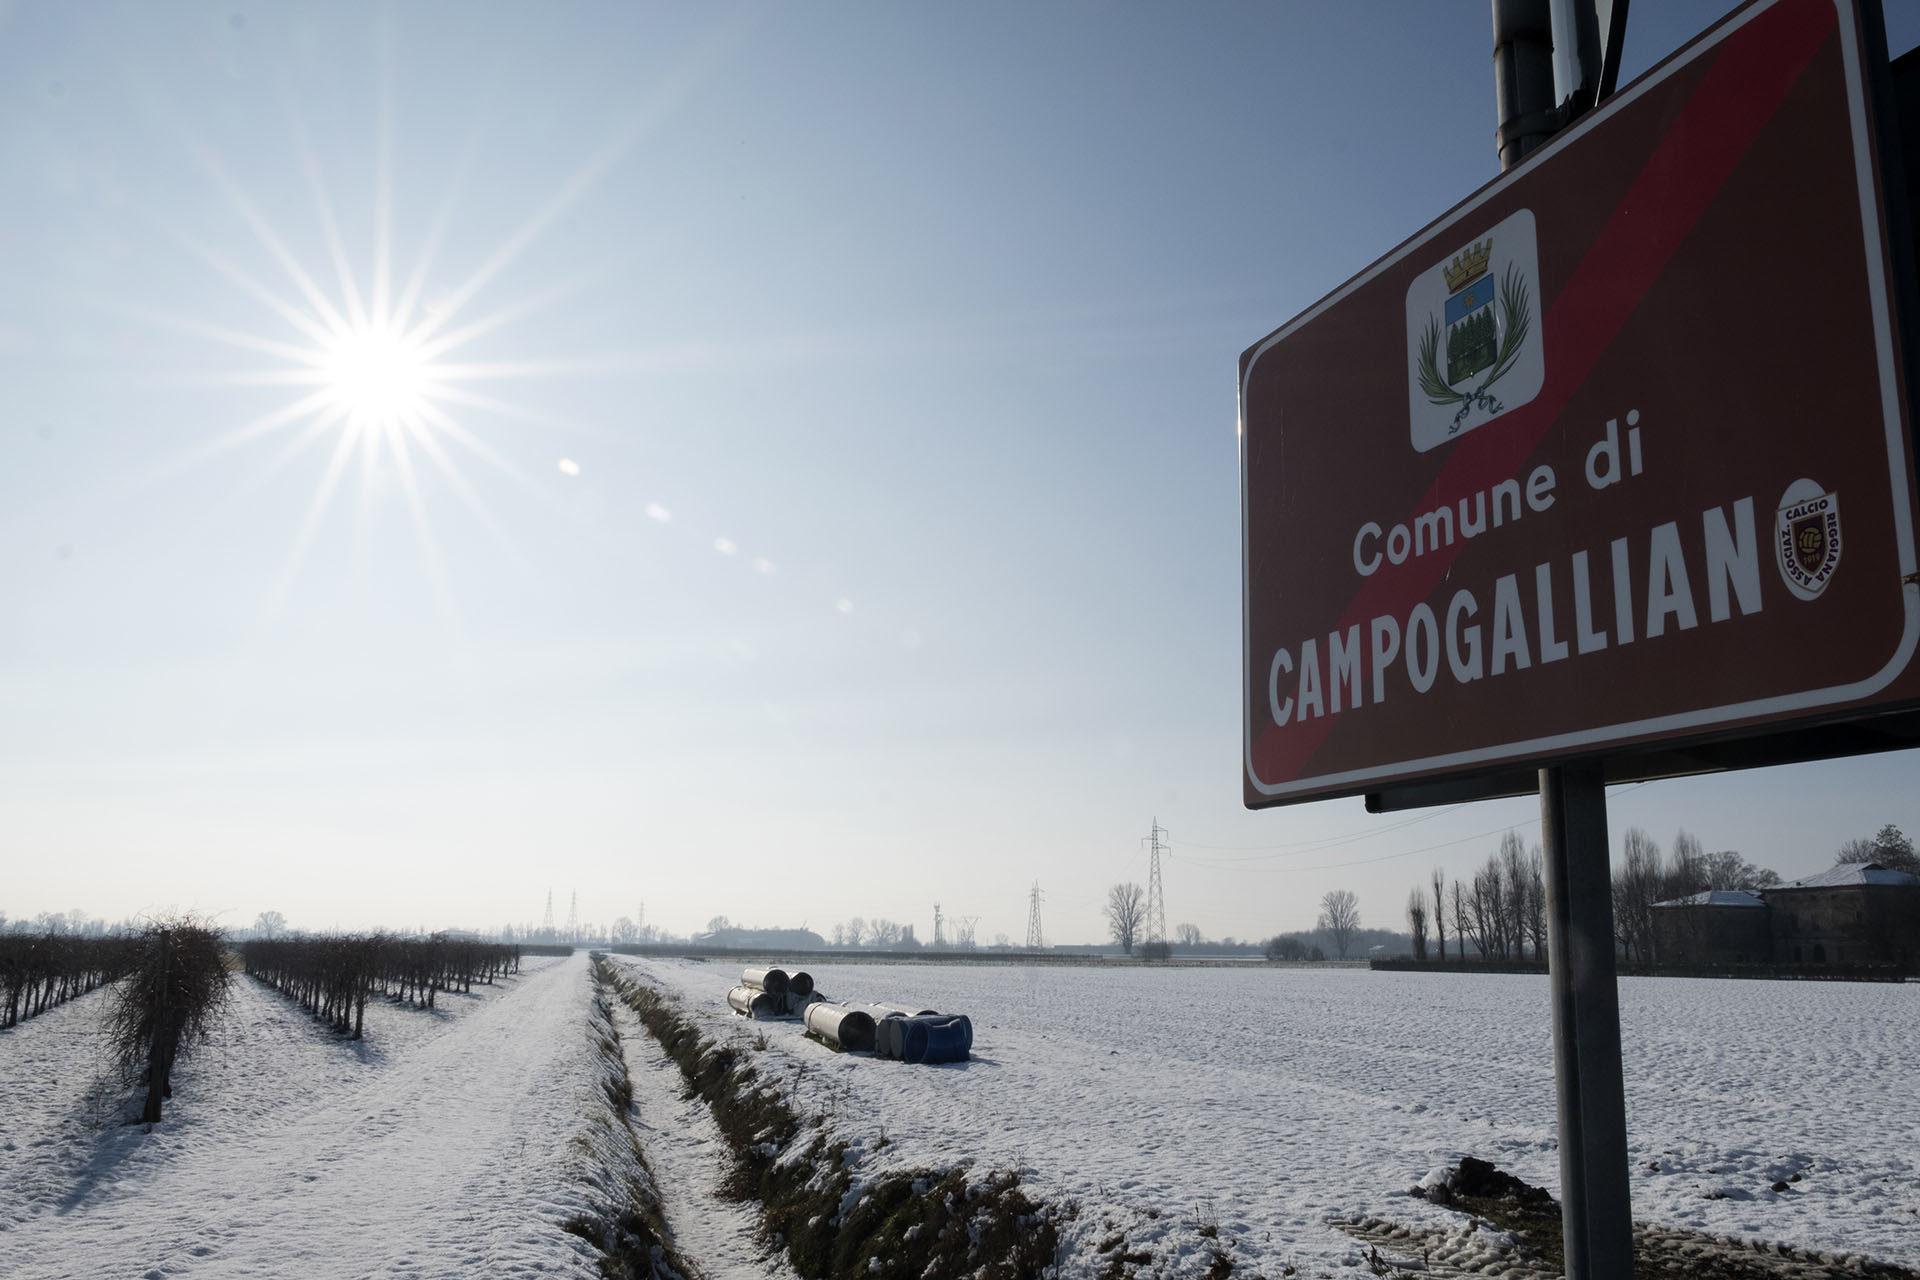 Campogalliano_Di Meo 002